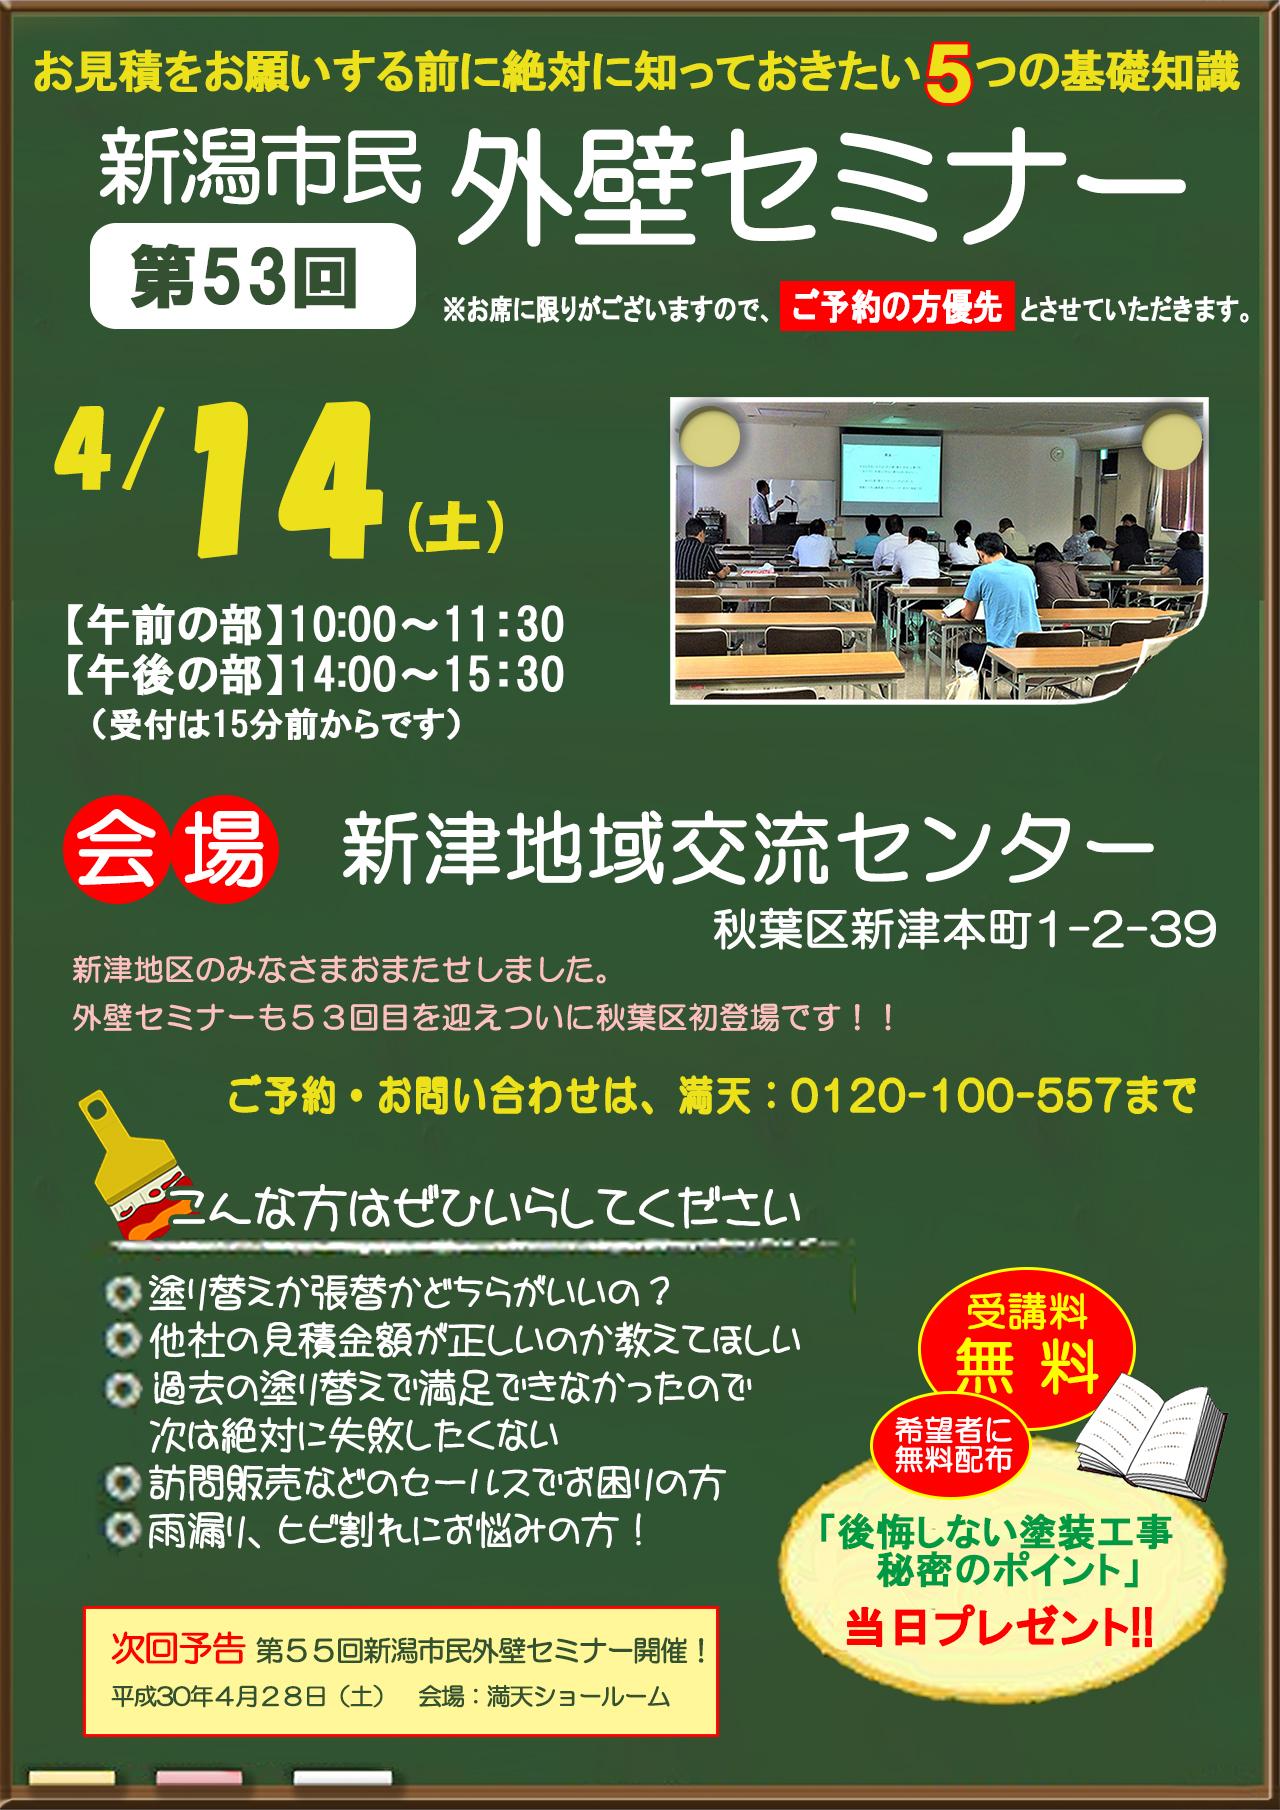 4月14日秋葉区の新津駅前にてセミナーを開催します。